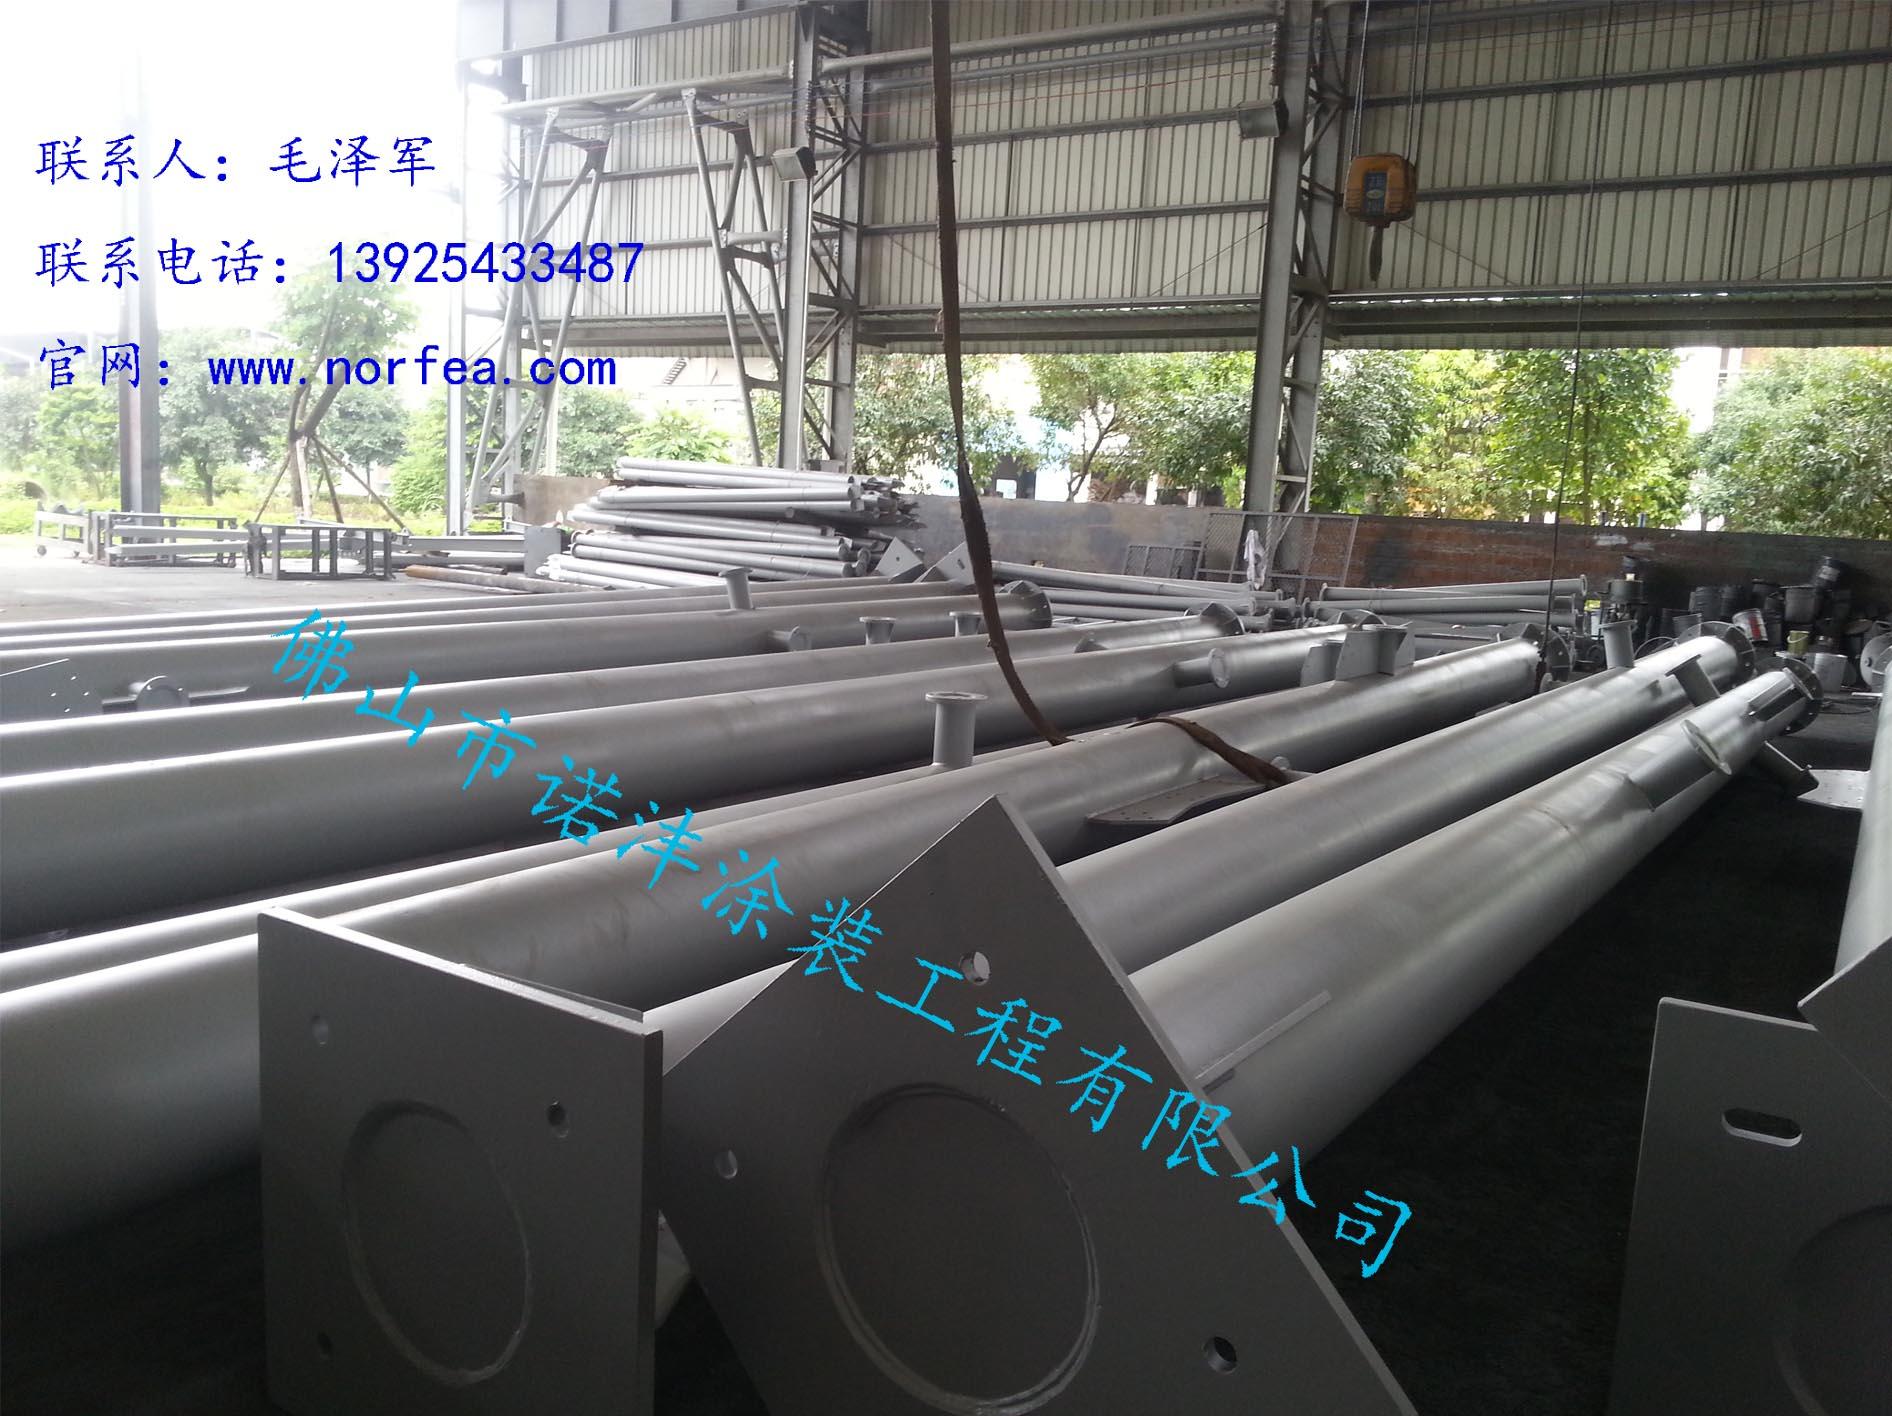 供应用于喷砂,喷漆的钢结构喷砂抛丸喷漆加工